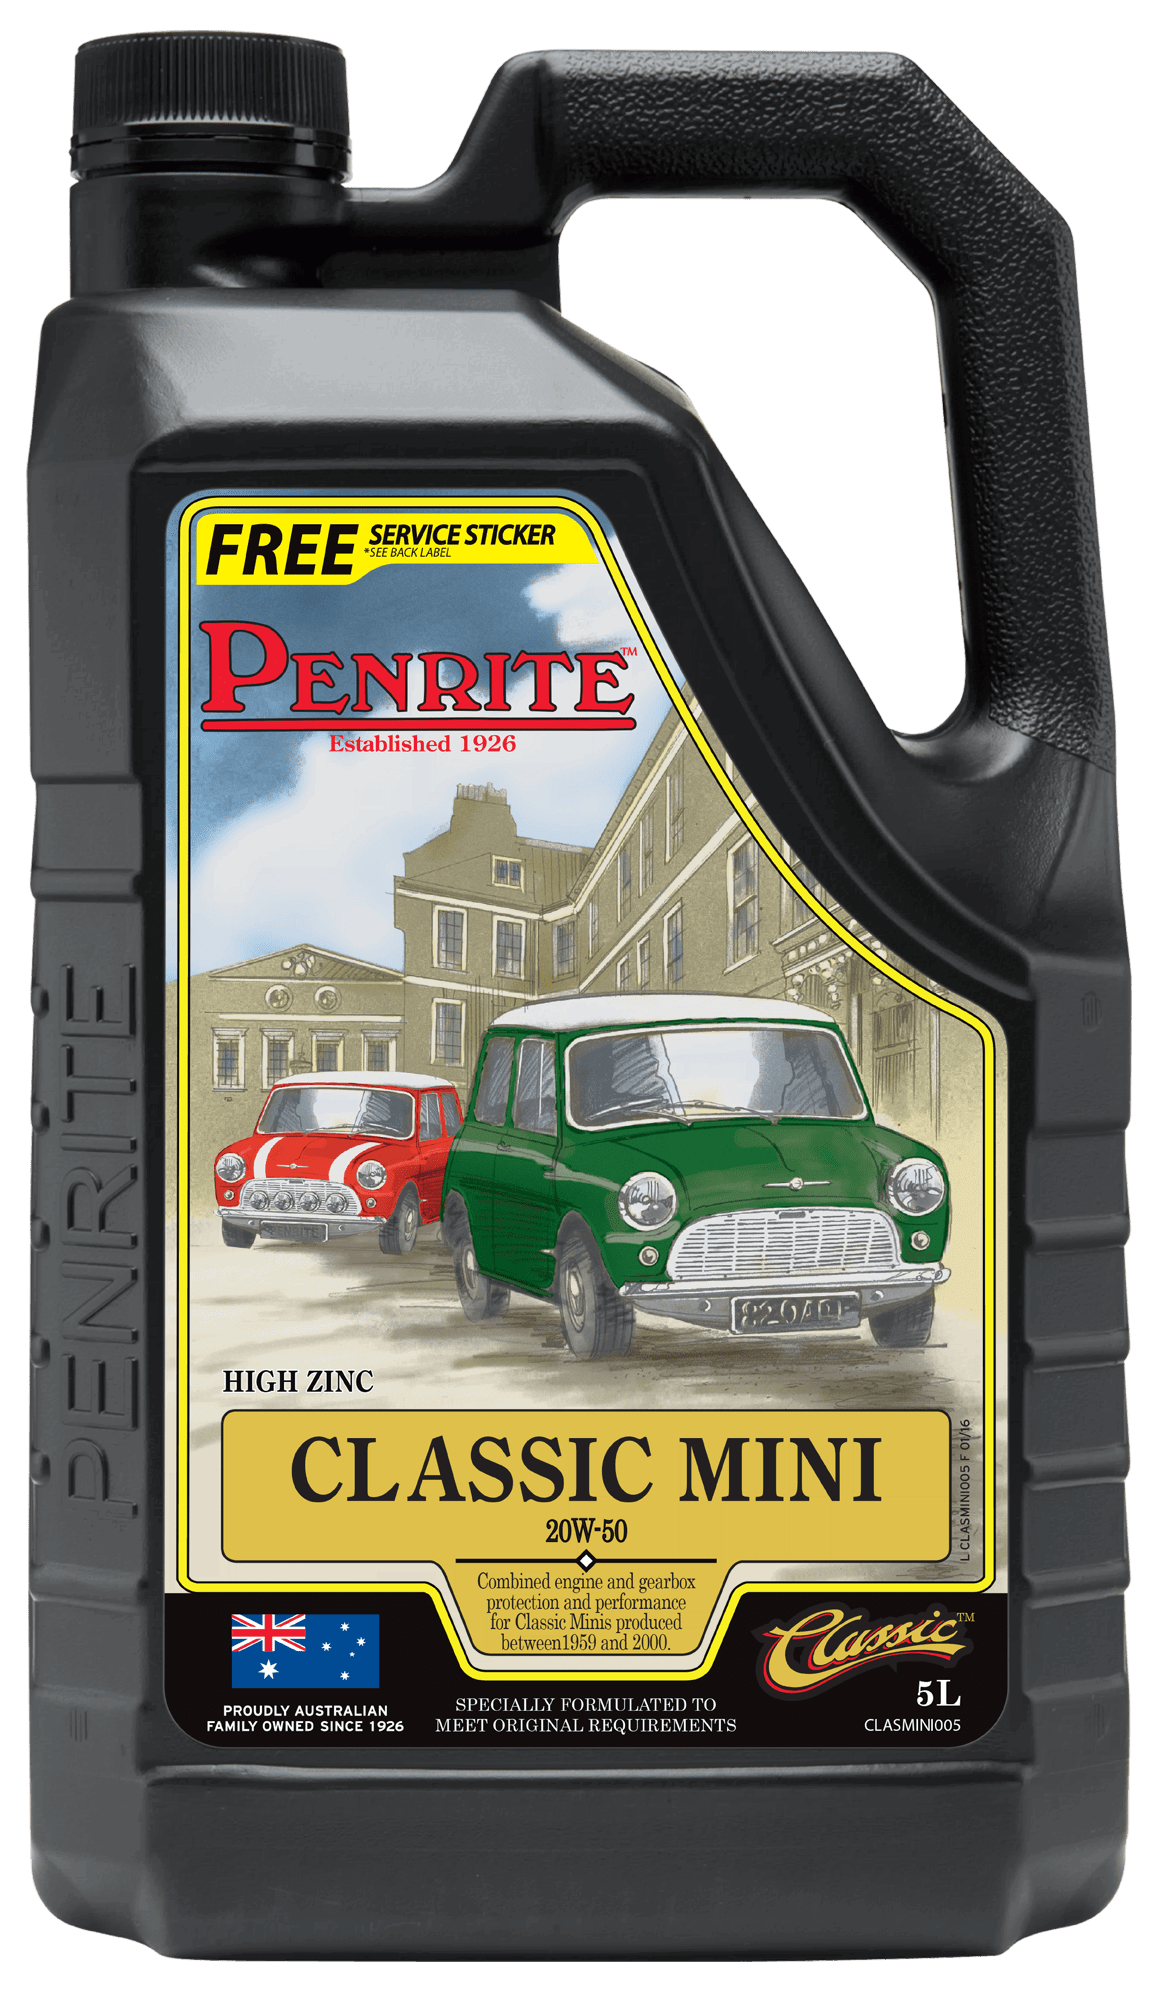 CLASSIC MINI 20W-50 (Mineral) | Penrite Oil